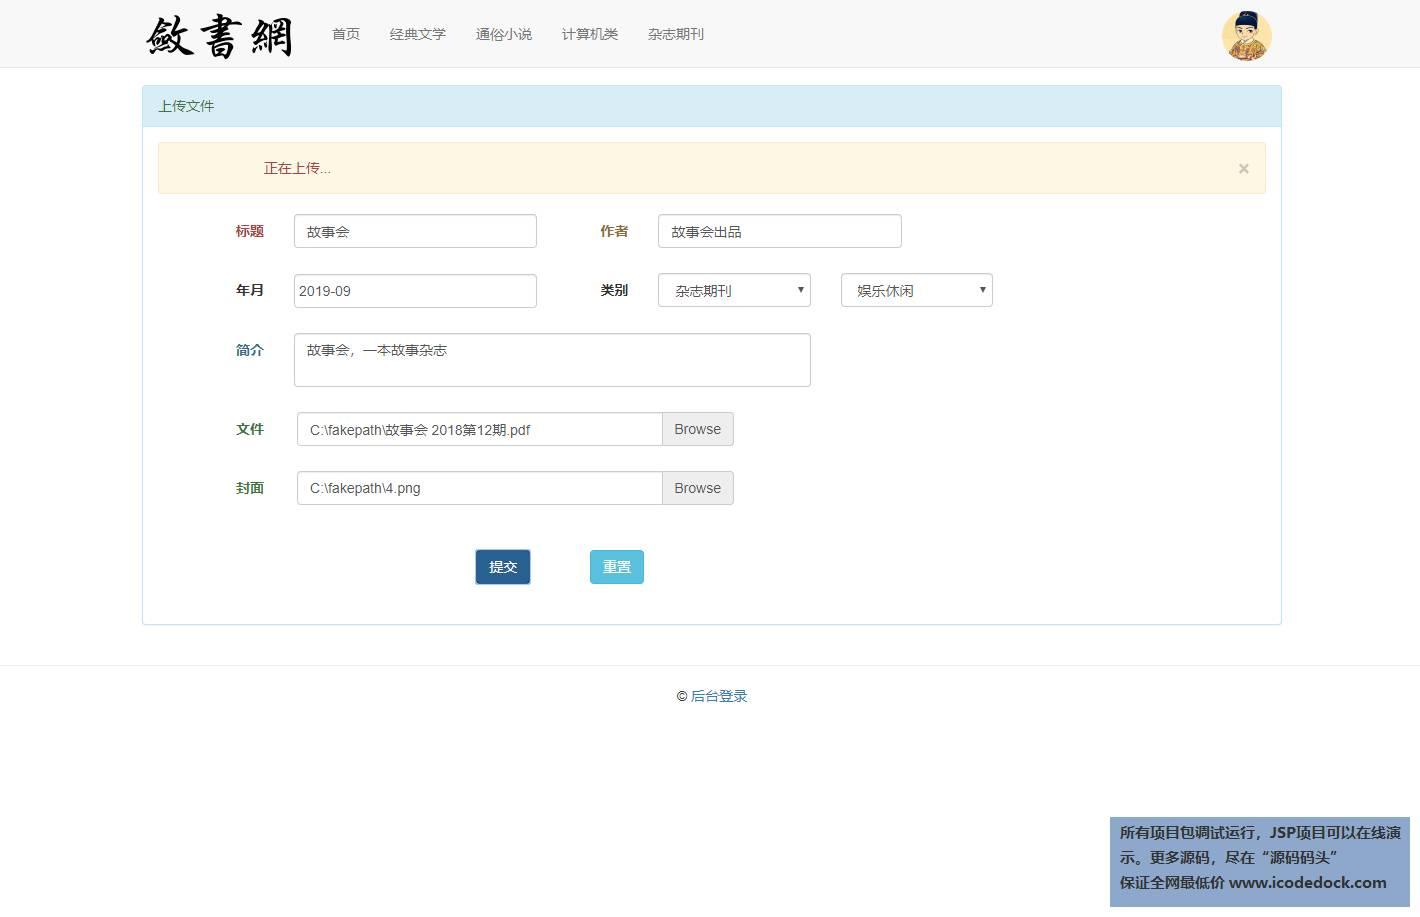 源码码头-SSM电子书网站管理系统-用户角色-用户上传图书